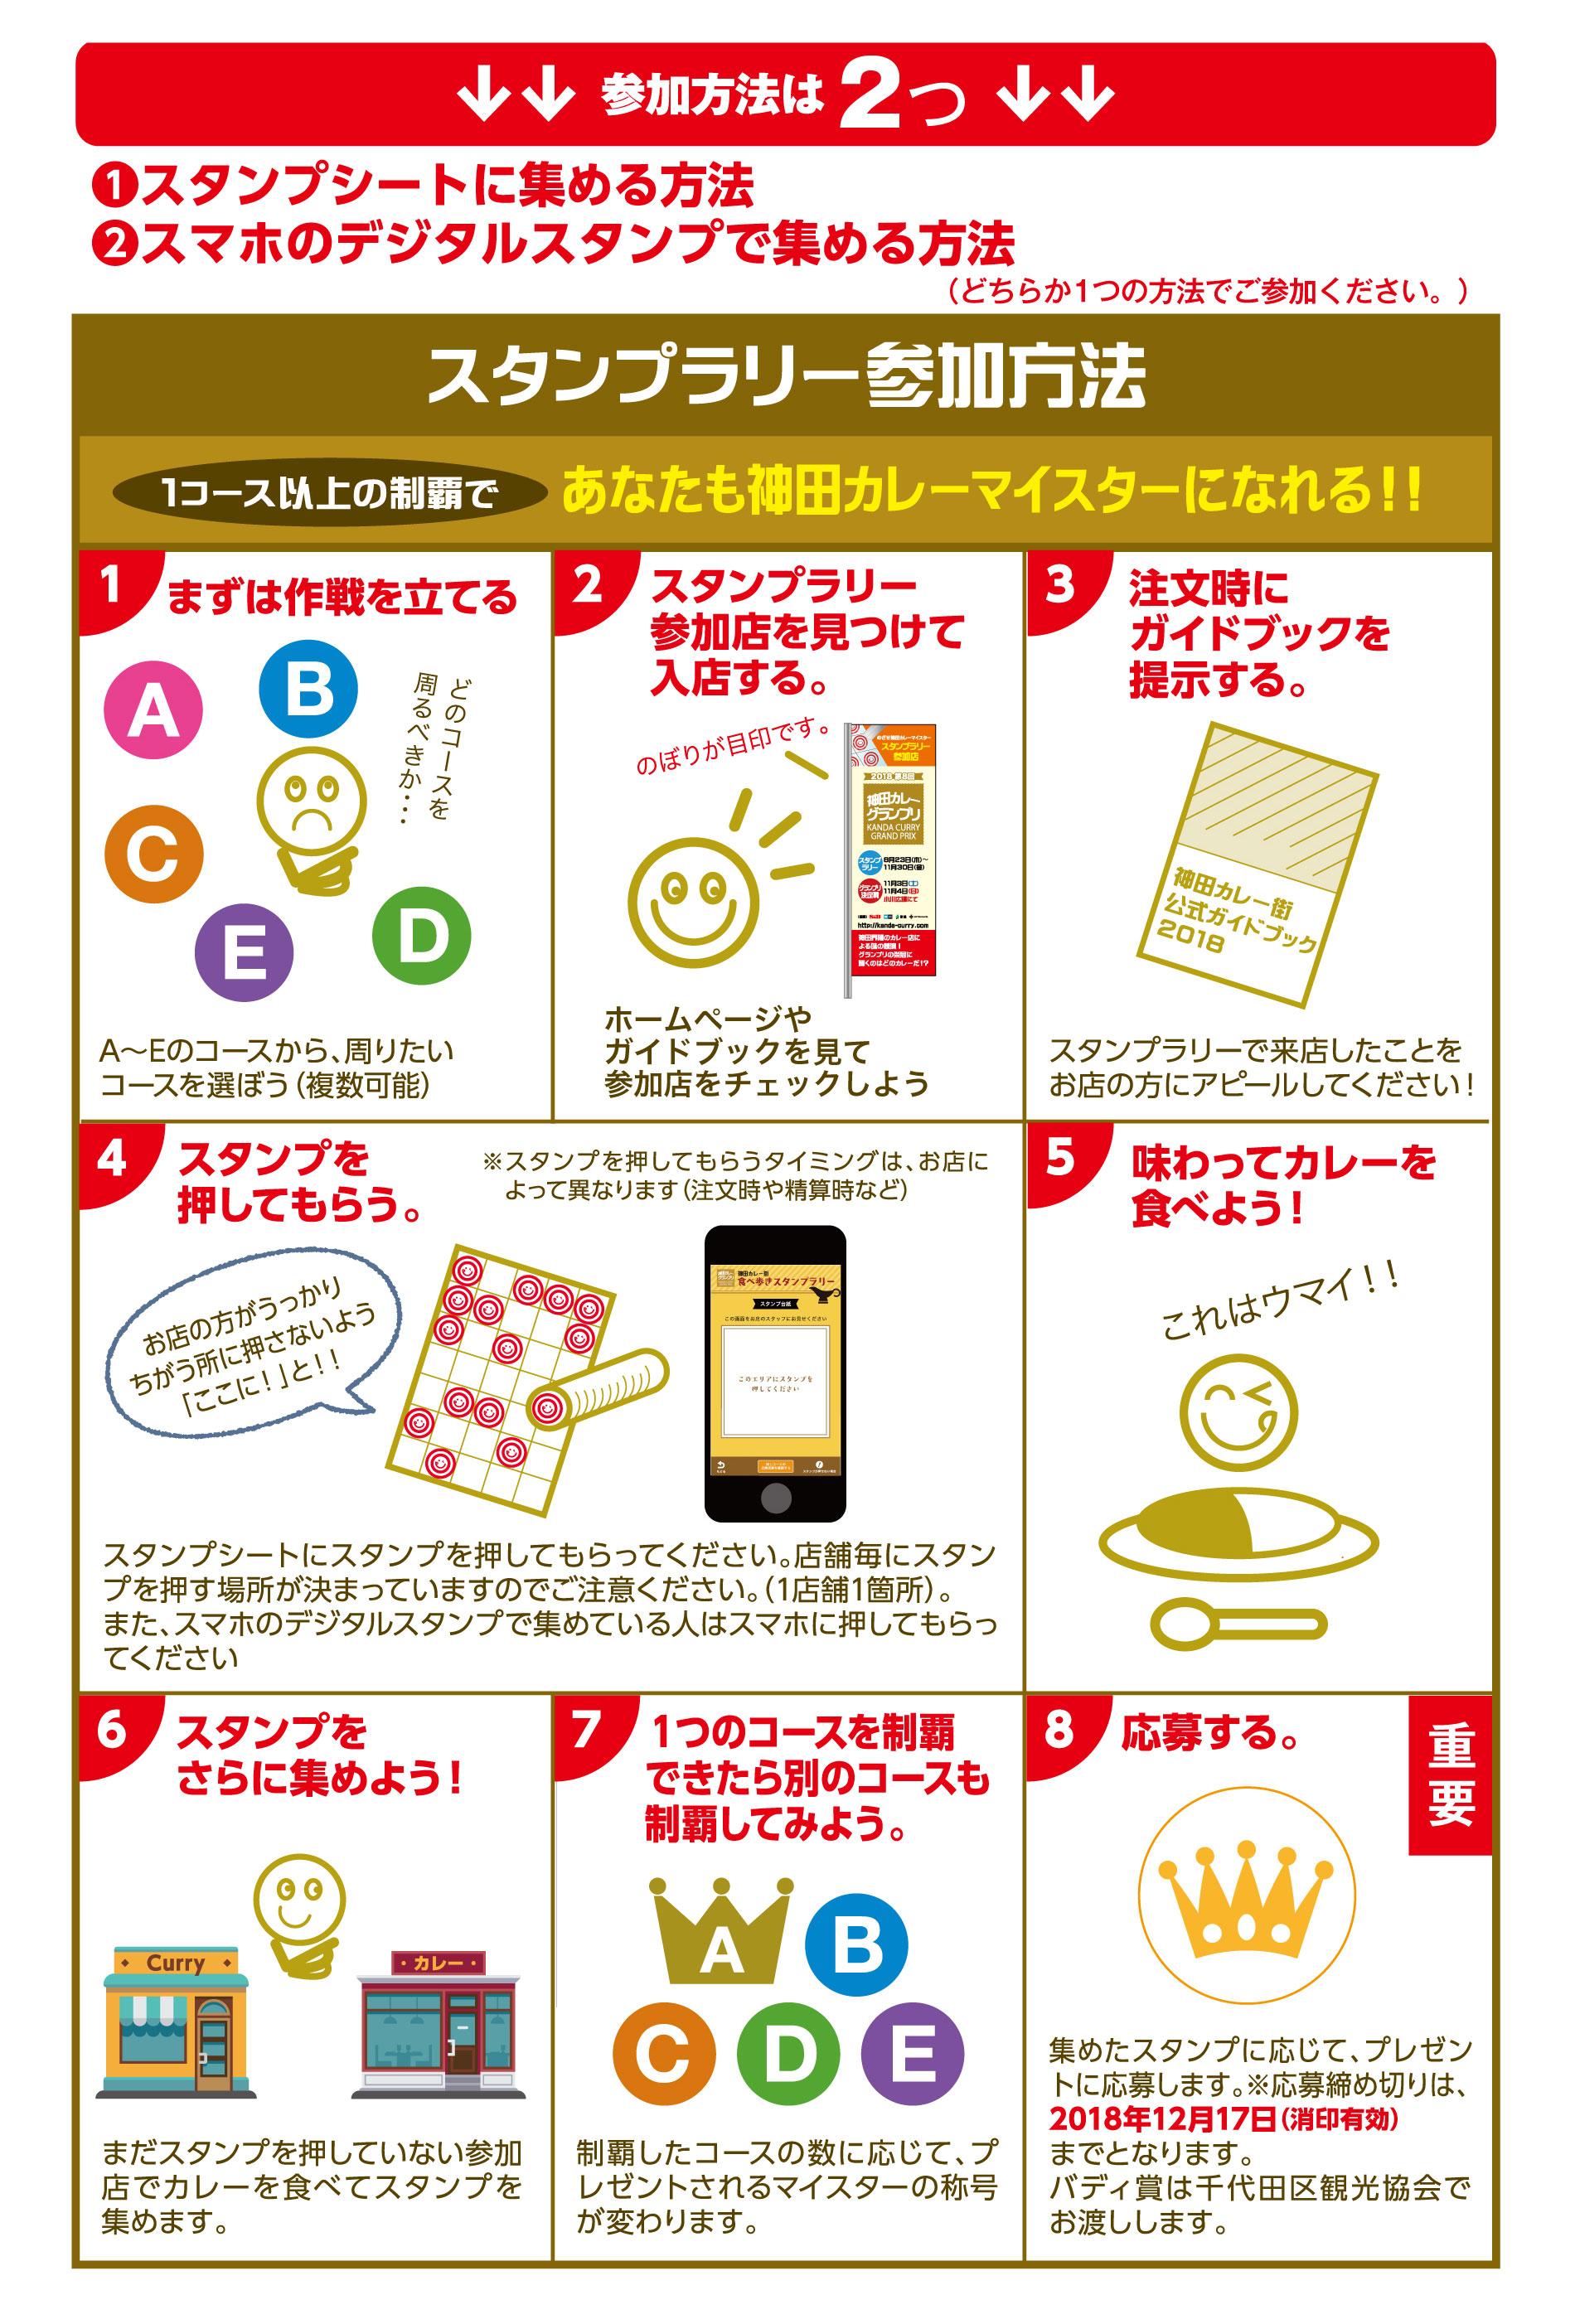 神田カレー街食べ歩きスタンプラリーの参加方法